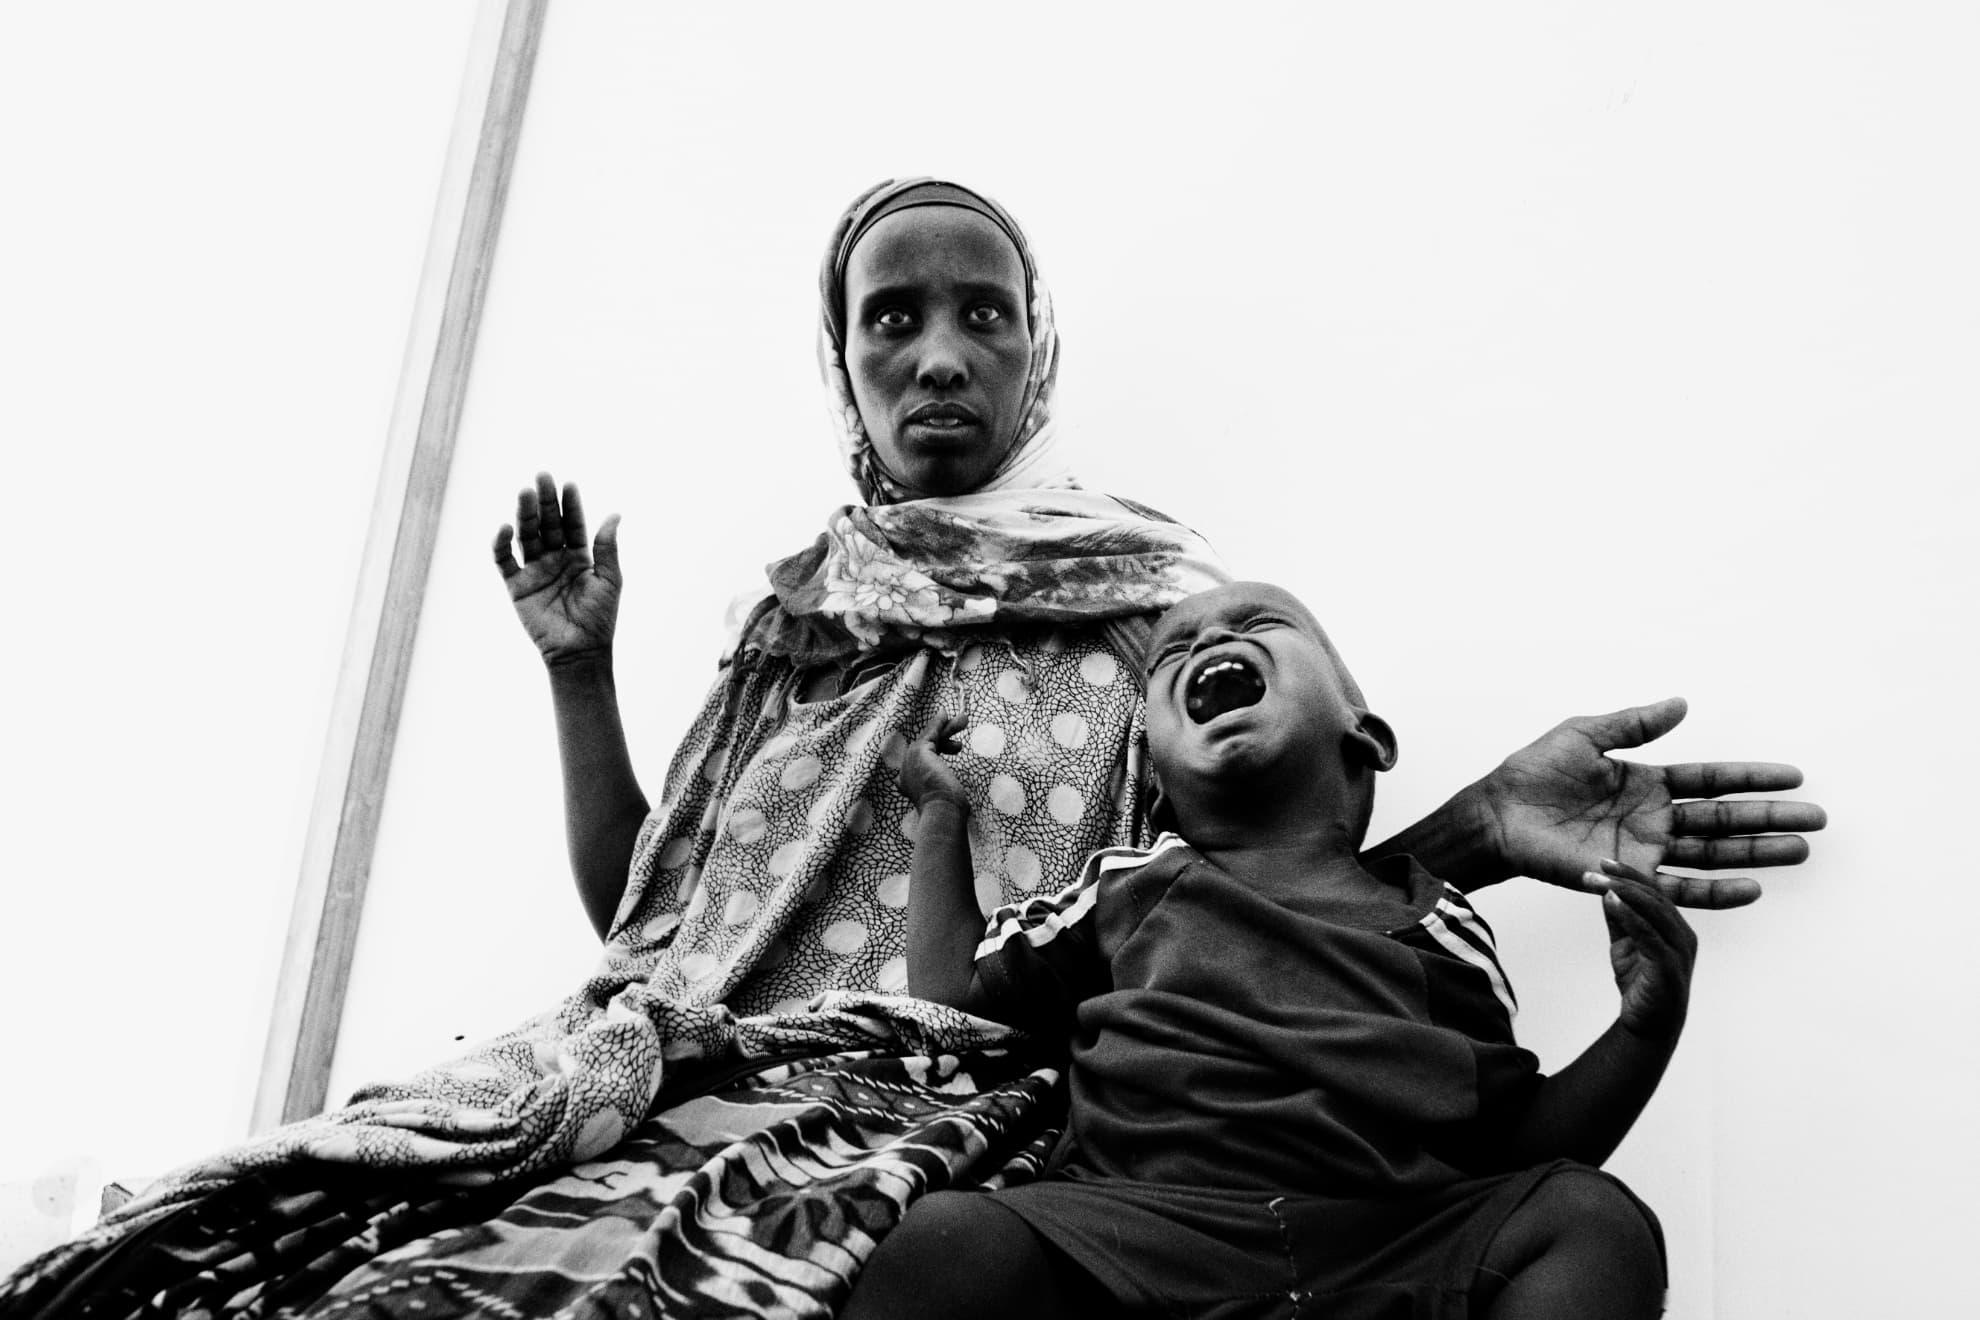 Una joven y su hijo son fotografiados durante su registro en el campo de Dadaab, en el noreste de Kenia.